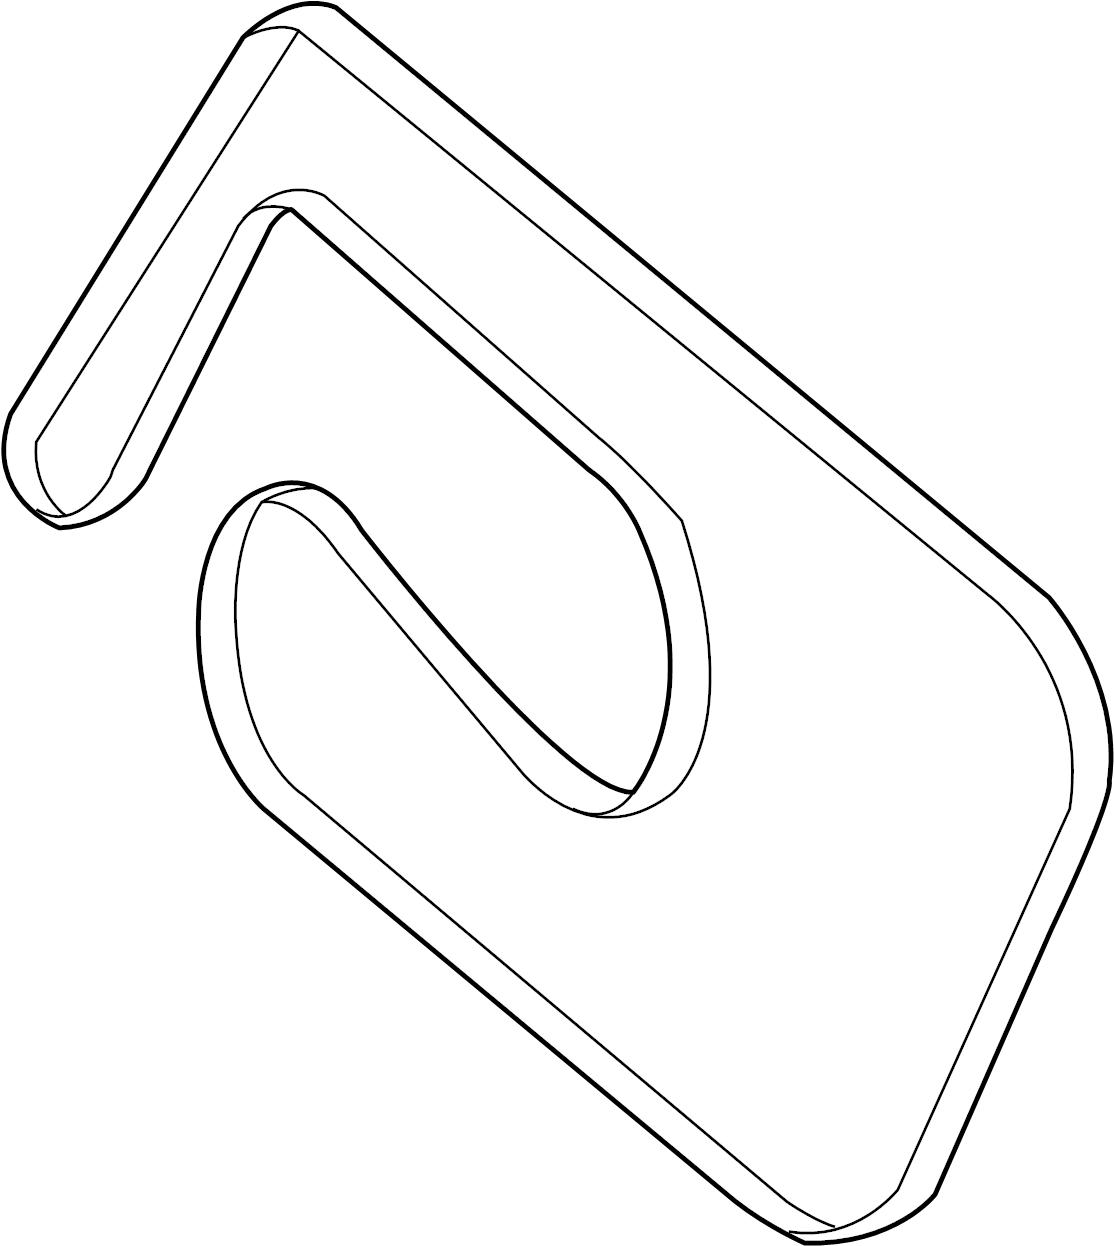 Mercedes-Benz S350 Serpentine Belt. LITER, Drive, Having